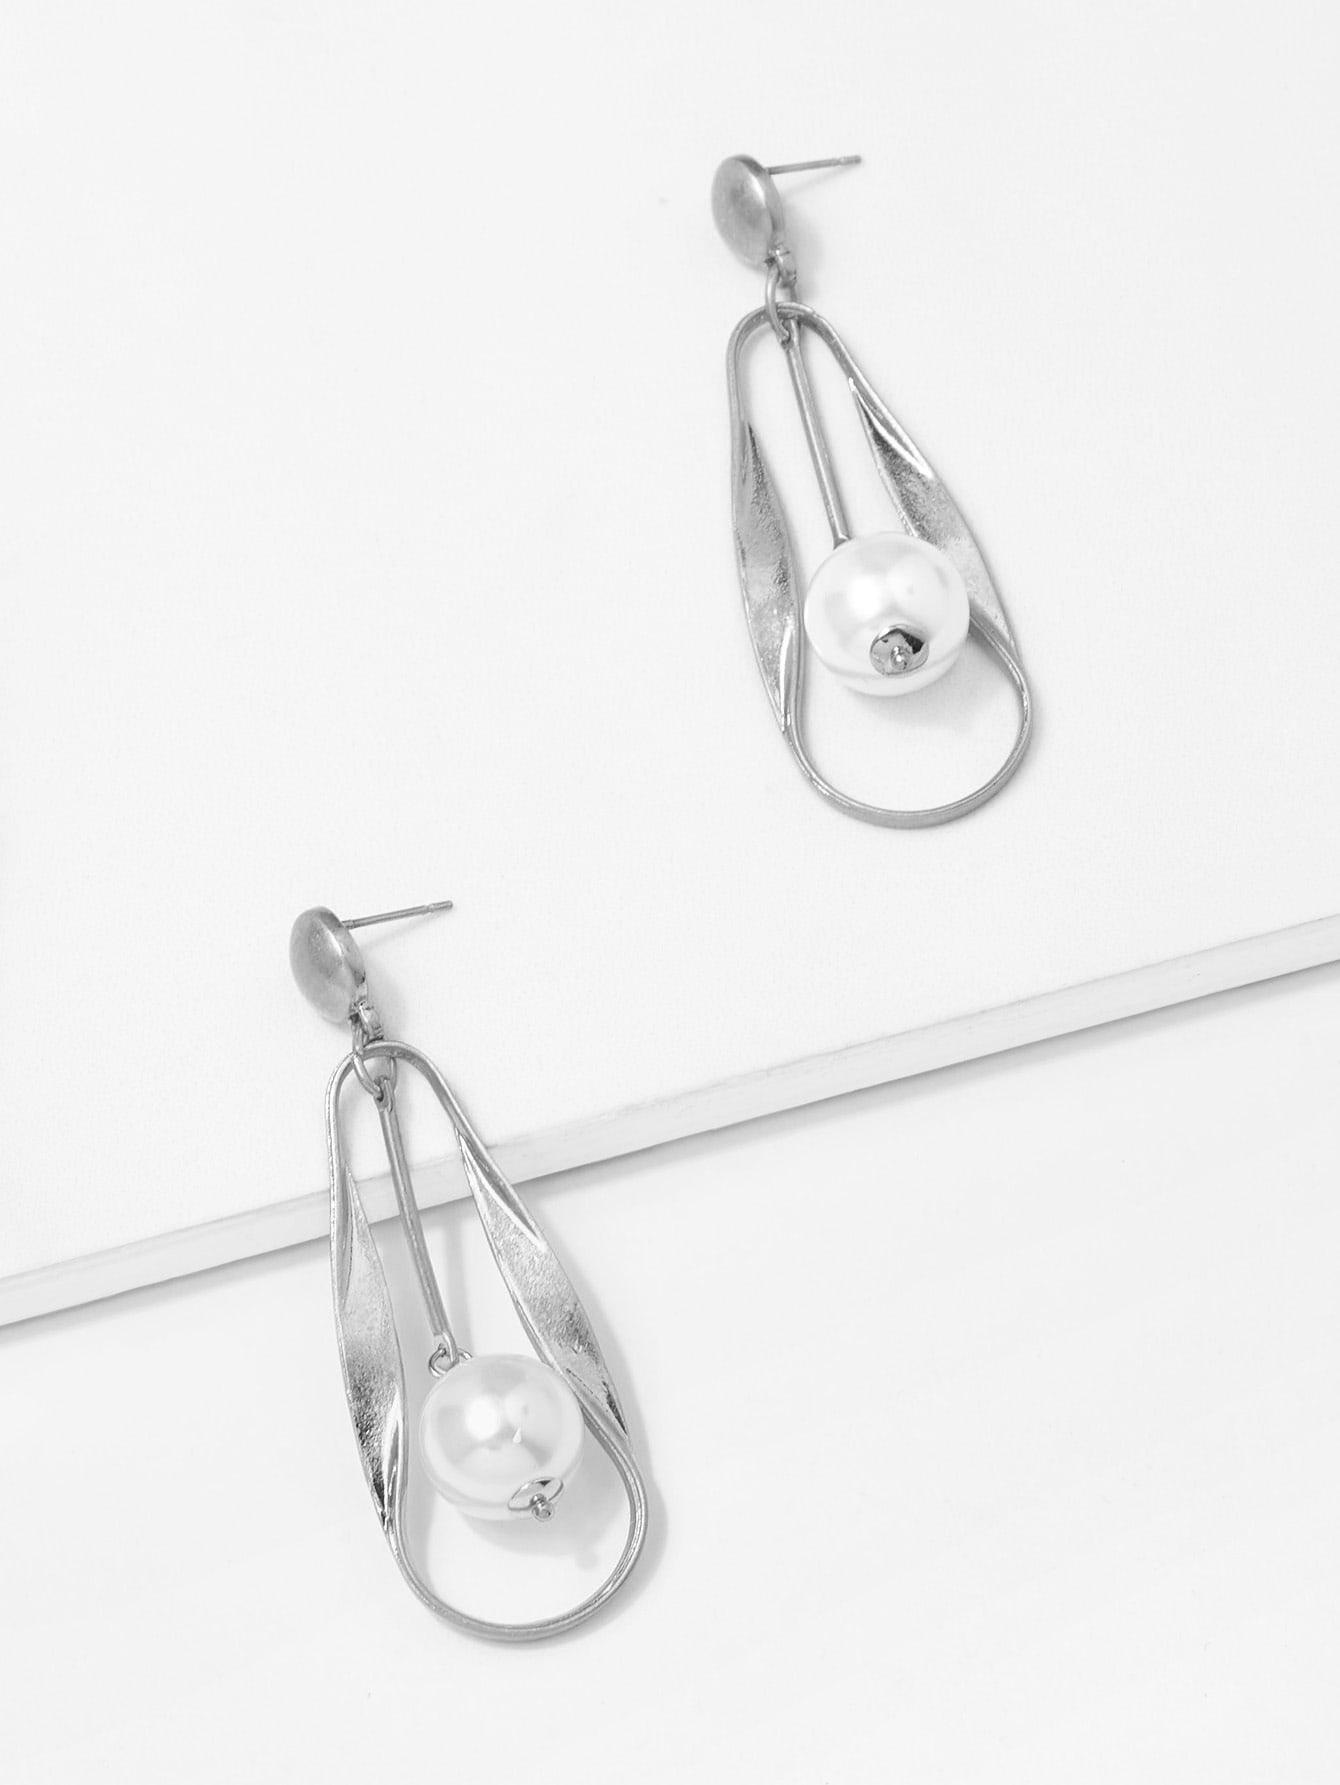 Faux Pearl & Bar Drop Earrings silver plated bar dangle drop earrings